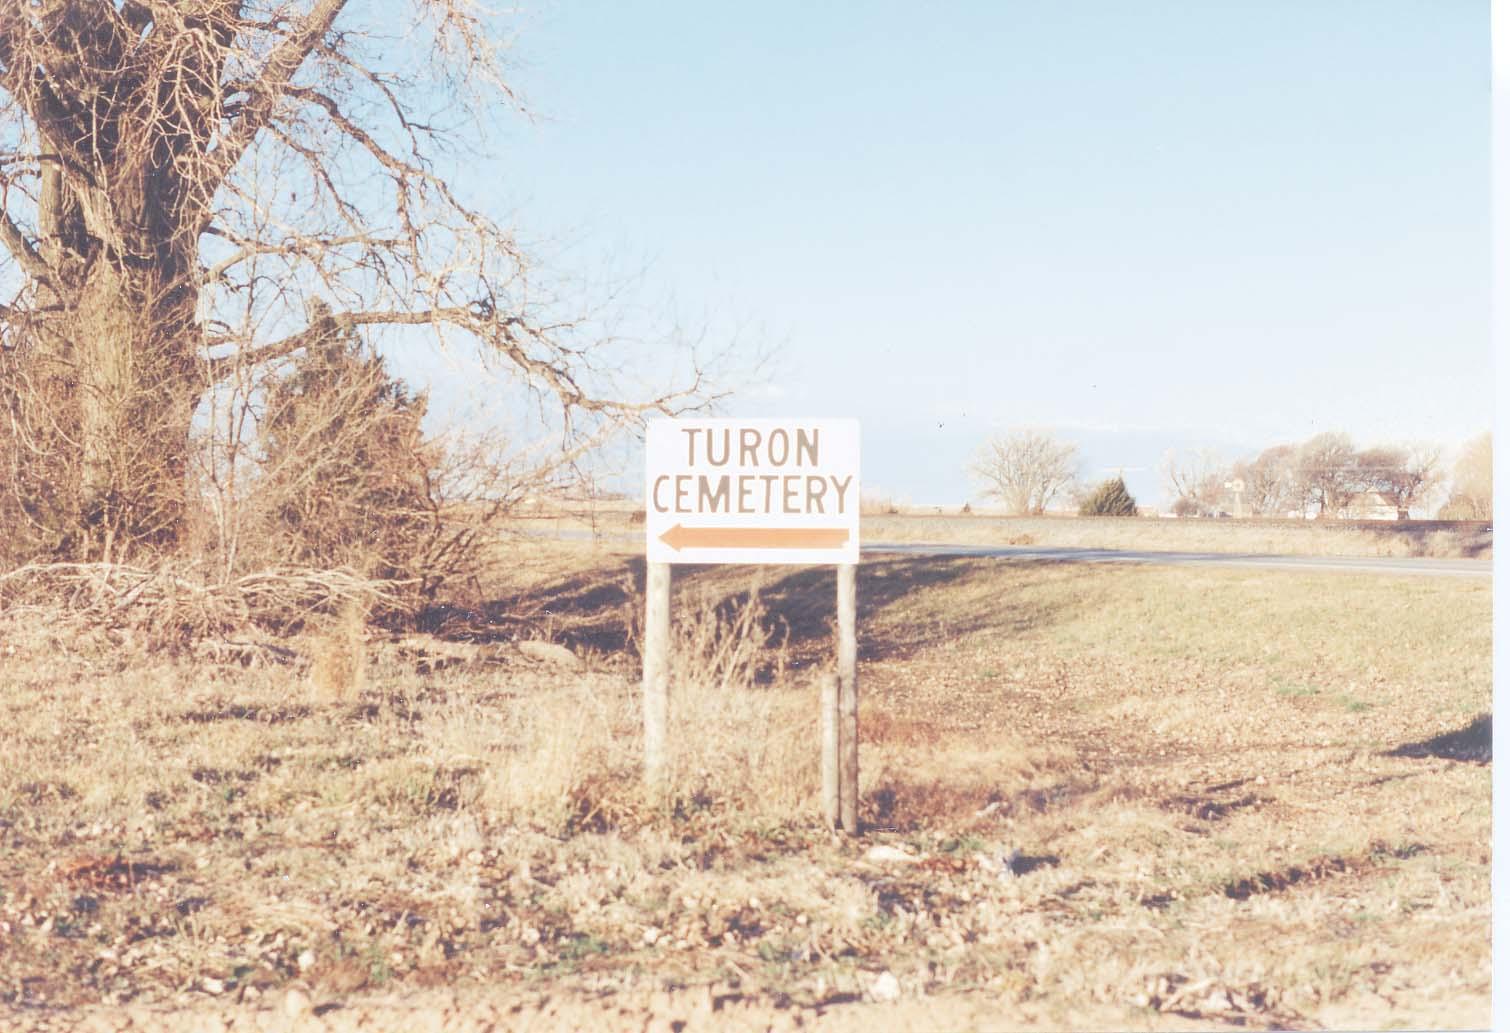 Kansas reno county turon - Turon Cemetery Reno County Cemetery Sign February 5 1995